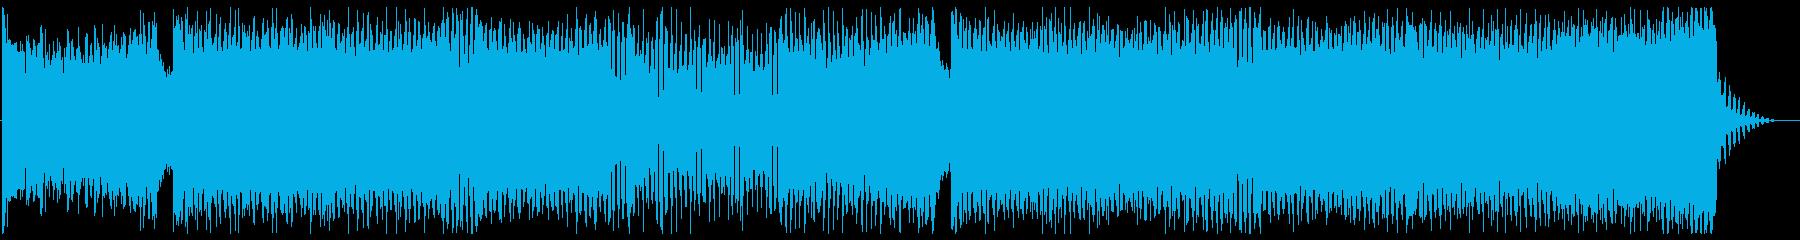 前向きでパワフルなエレクトロEDMの再生済みの波形